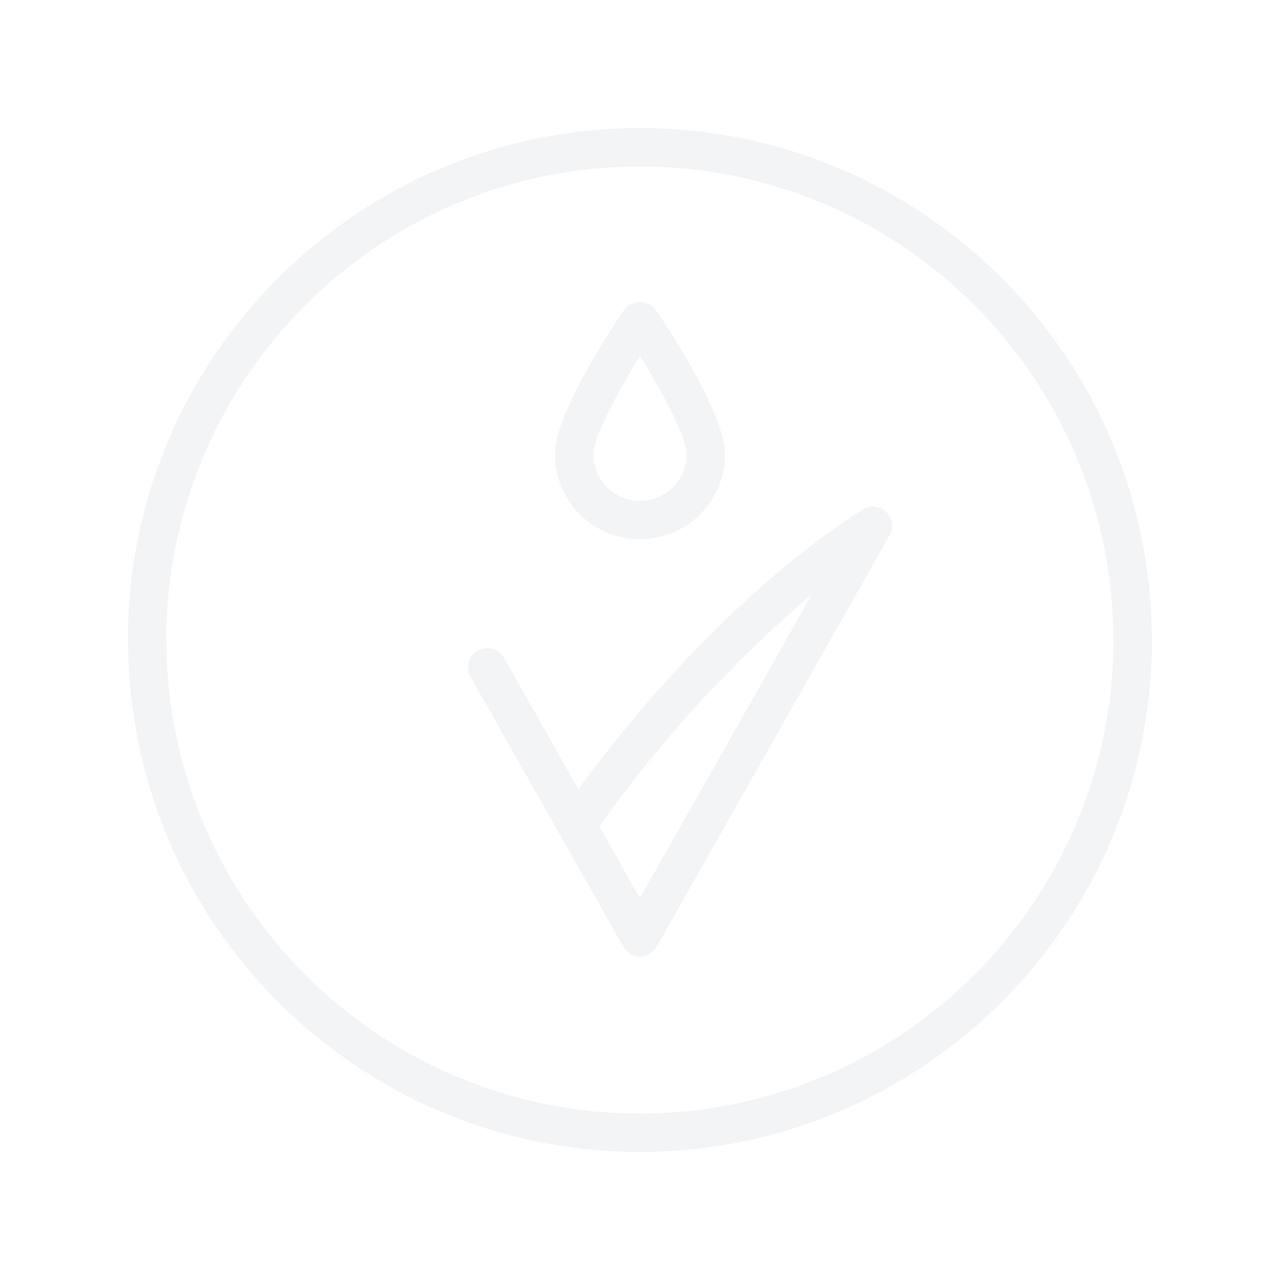 Everyday Minerals Jojoba Base Golden Ivory 1W 4.8g